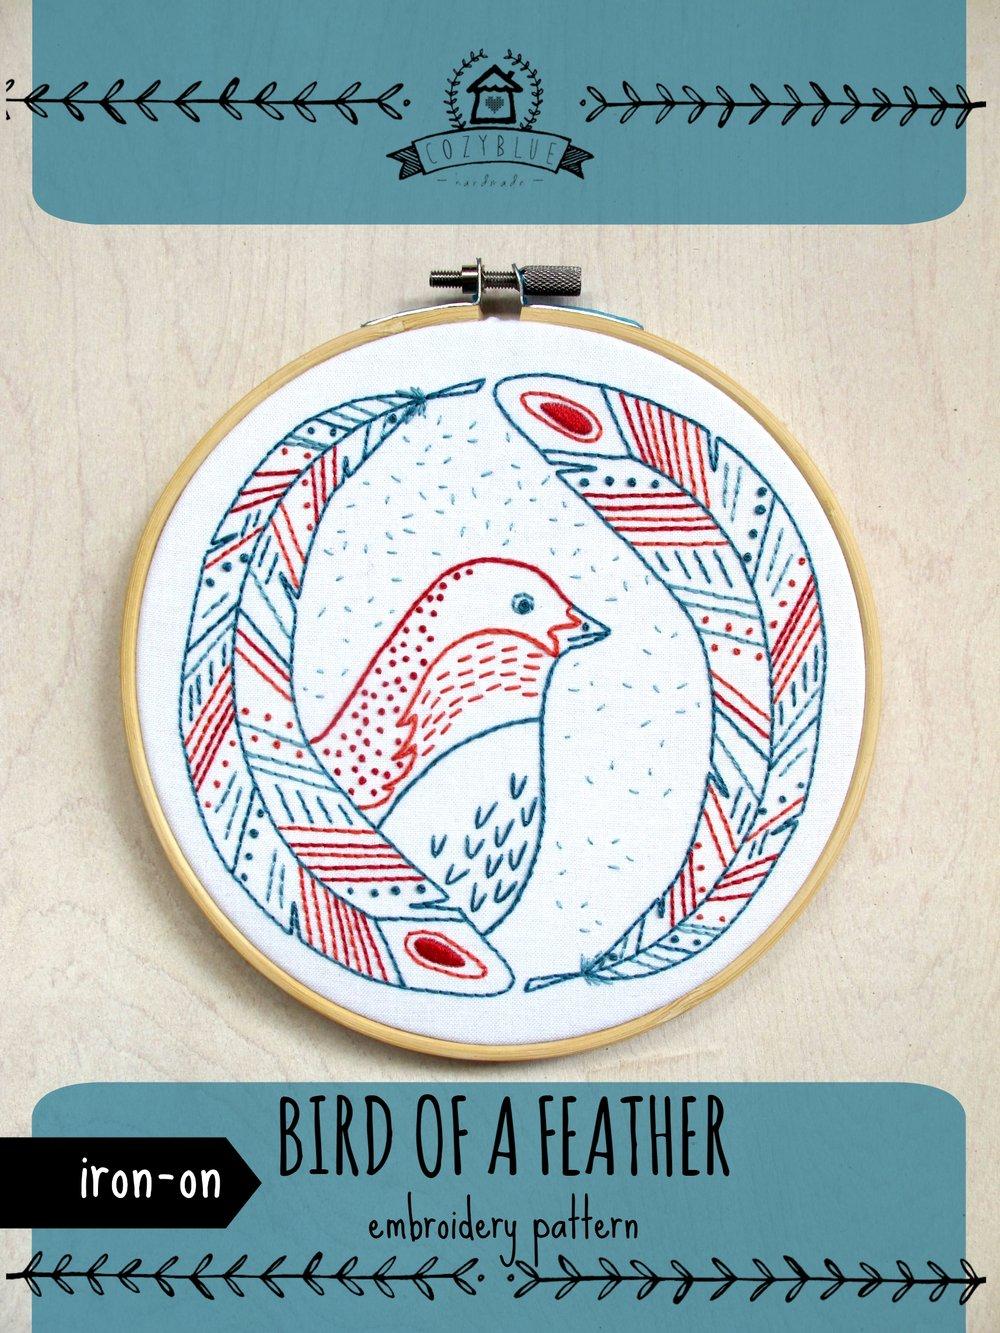 birdofafeathercard1.jpg